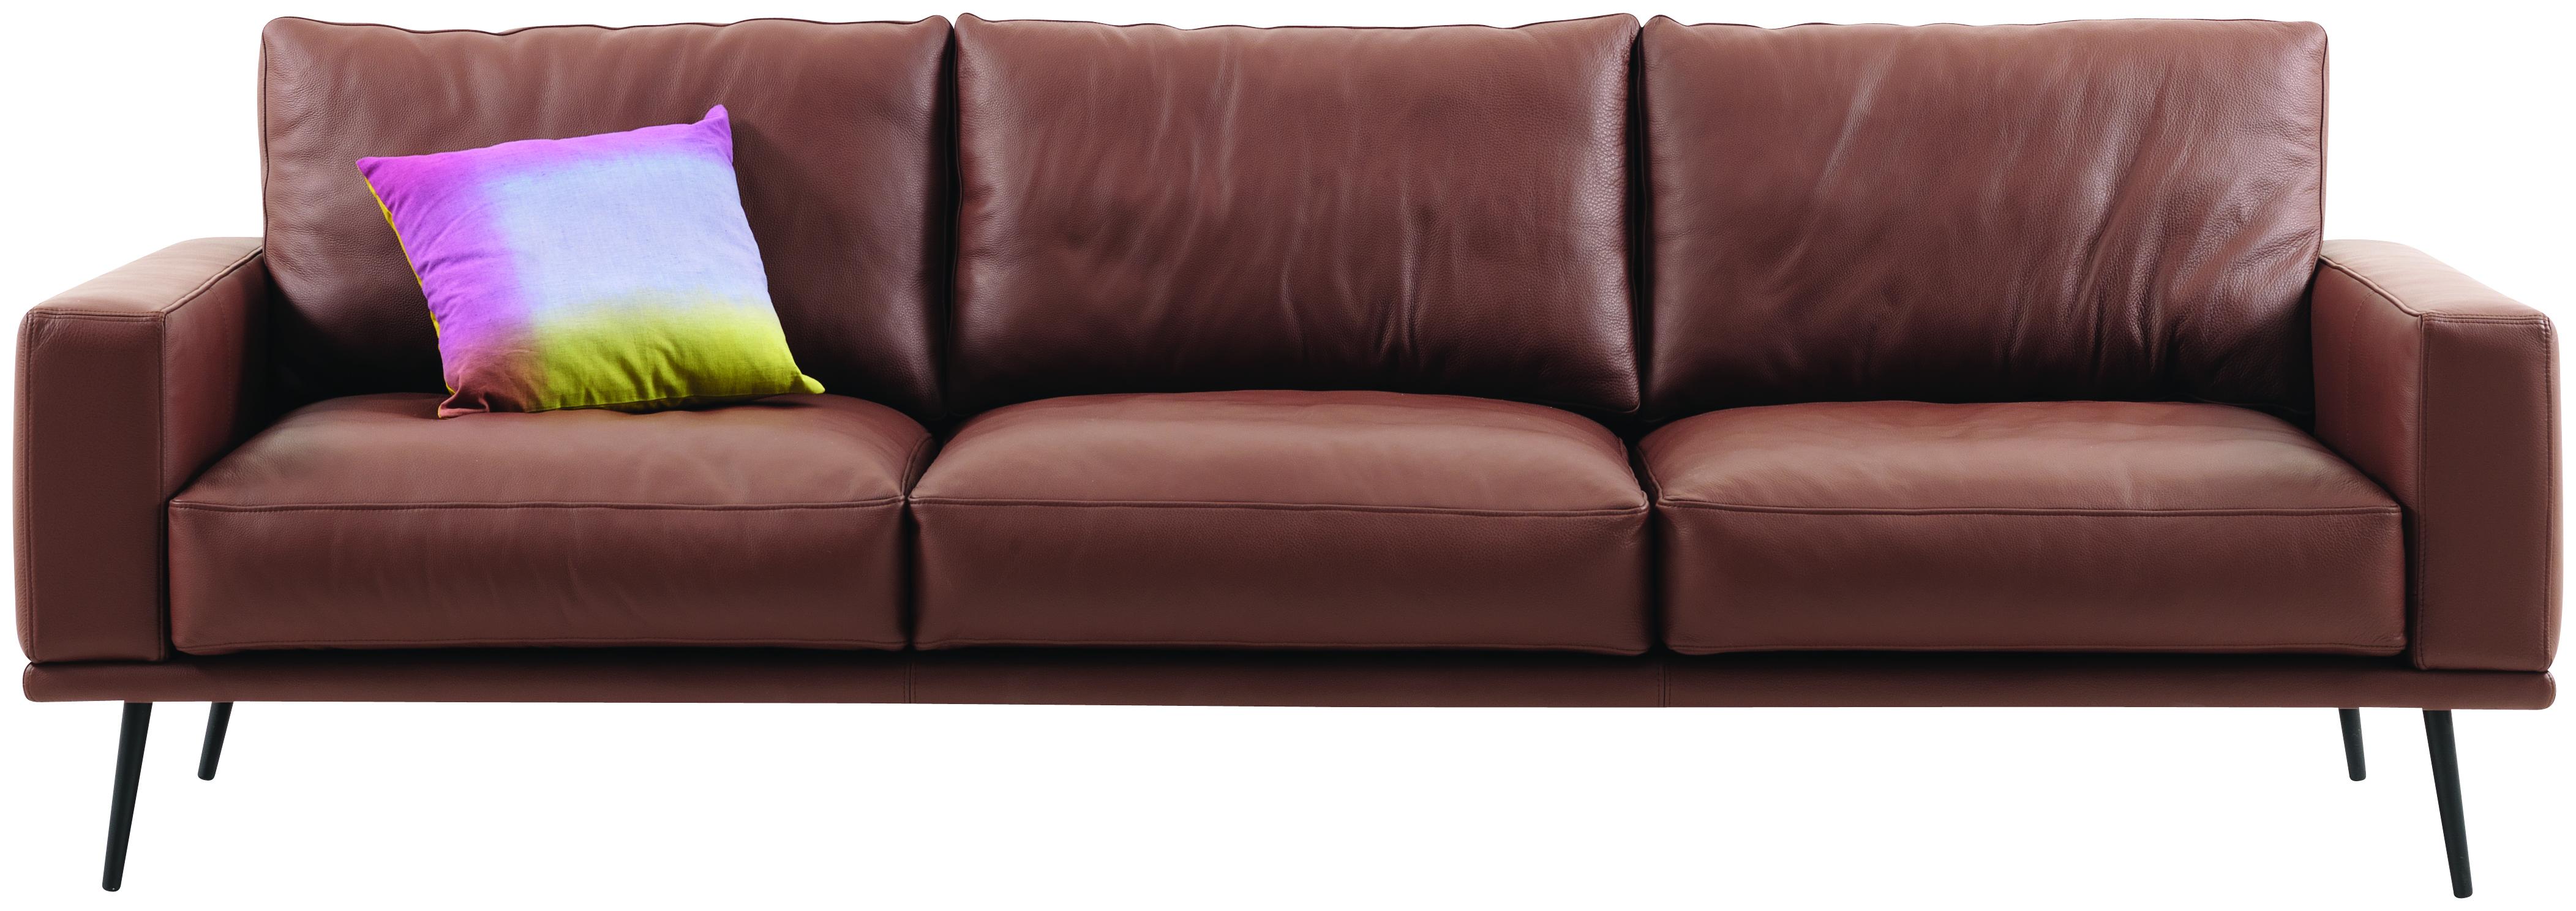 designer inspirations fall boconcept chicago. Black Bedroom Furniture Sets. Home Design Ideas